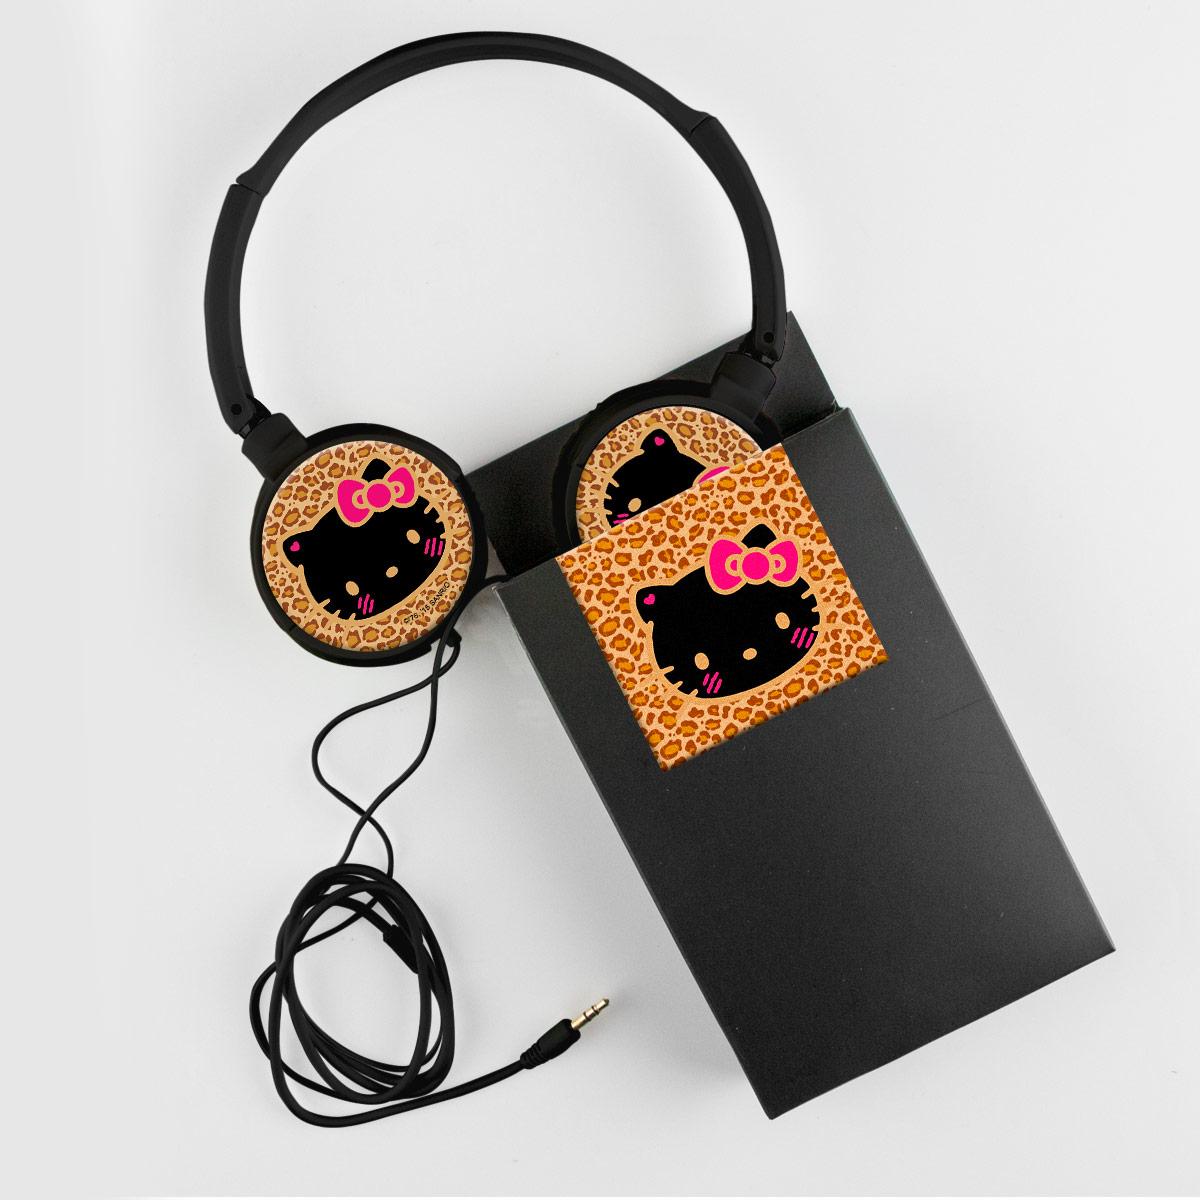 Fones de Ouvido Hello Kitty Print Fuzzy